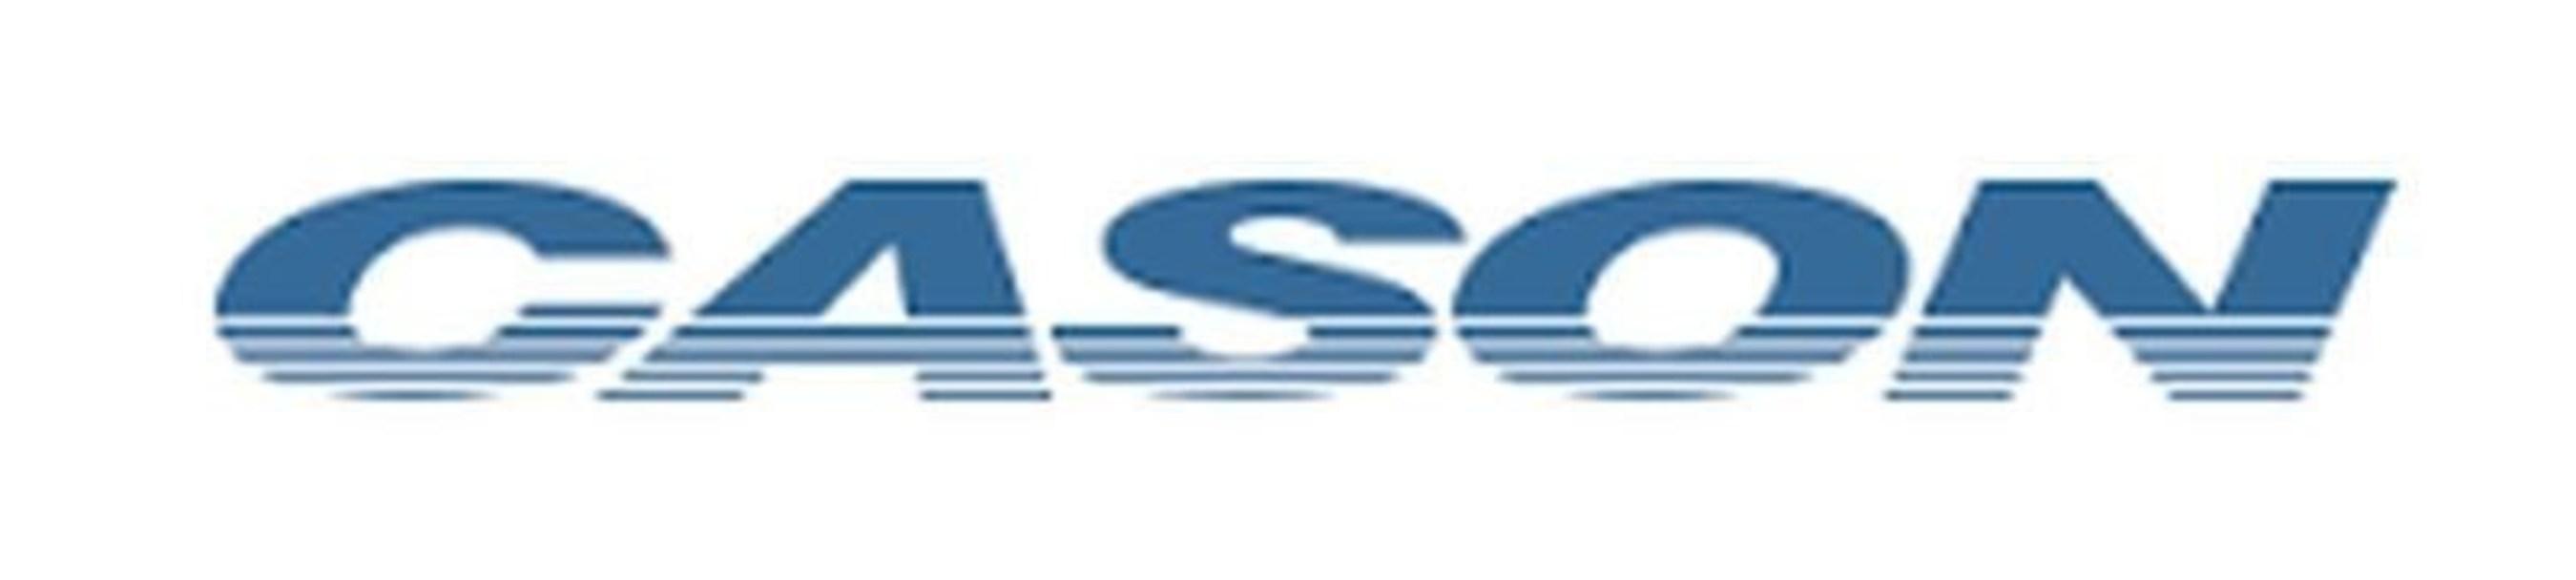 Cason Inc. Logo